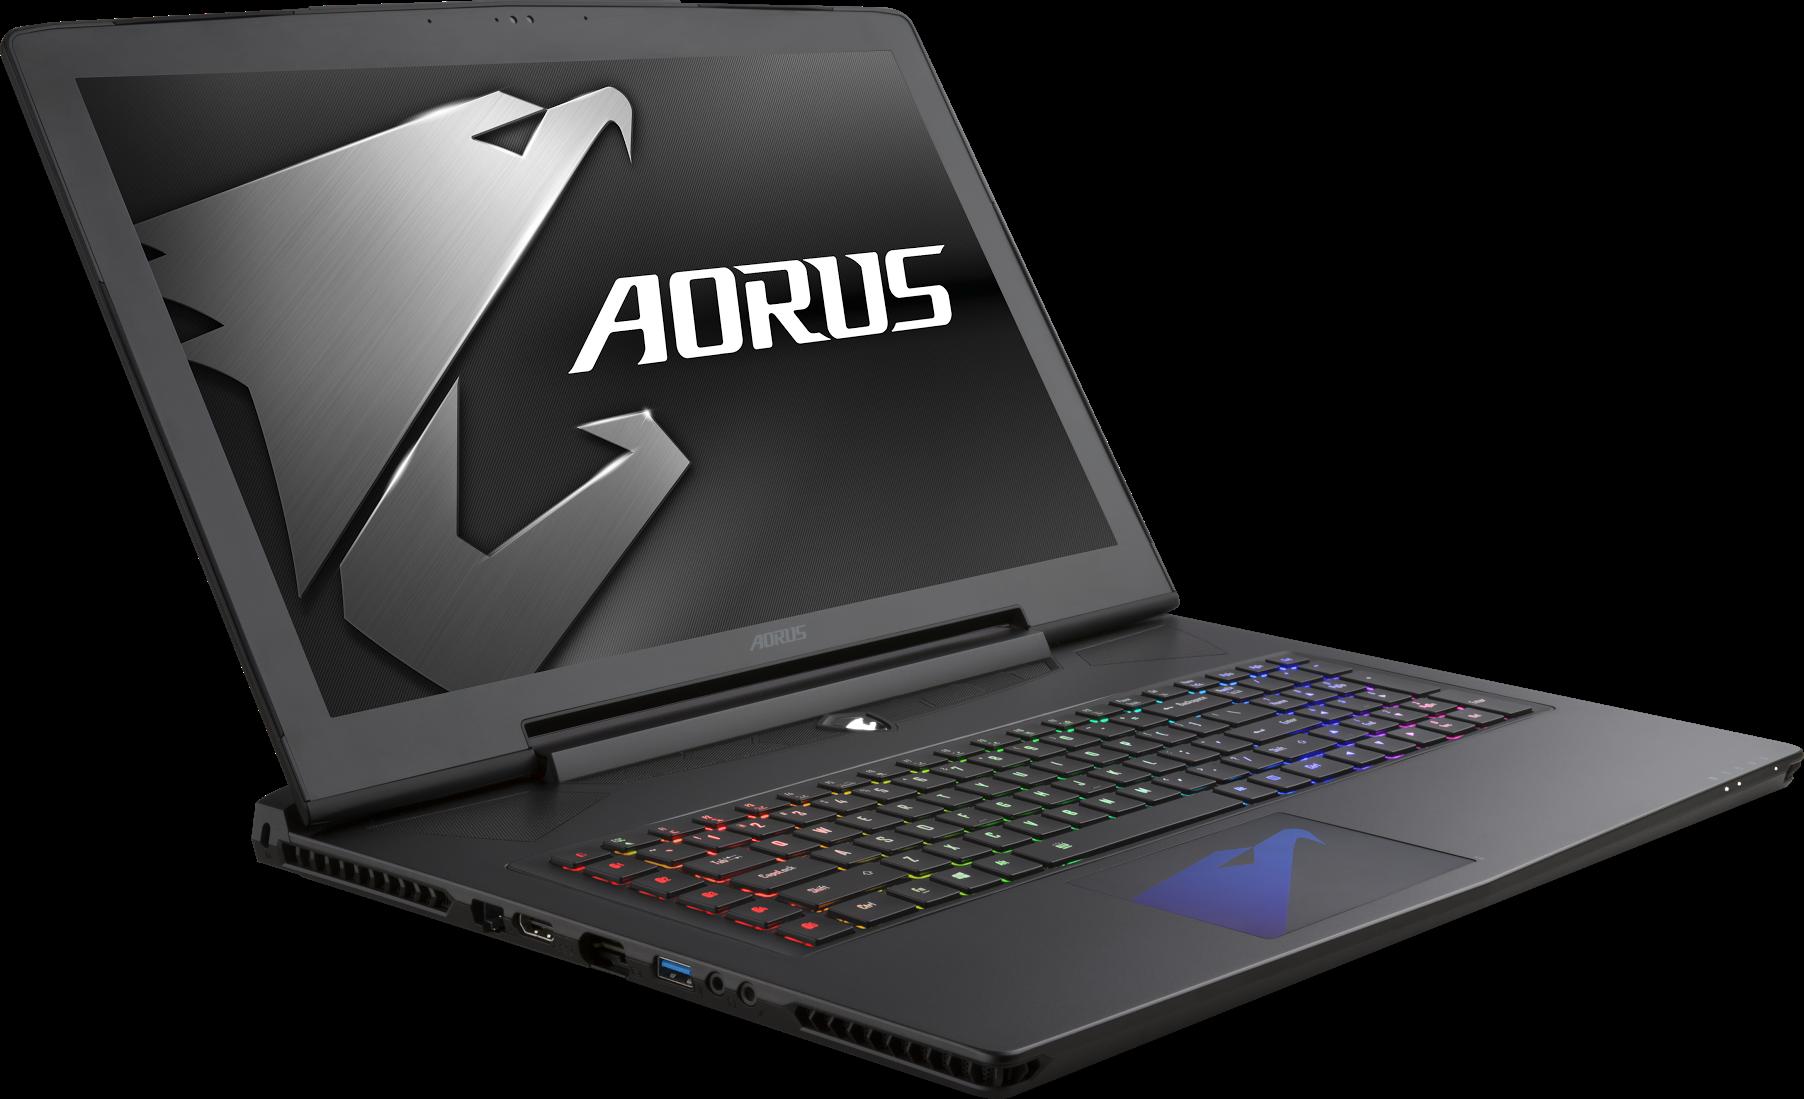 是Aorus 跟進 GeForce 10 更新,系列機種搭載 RGB Fusion 單點全彩背光鍵盤這篇文章的首圖